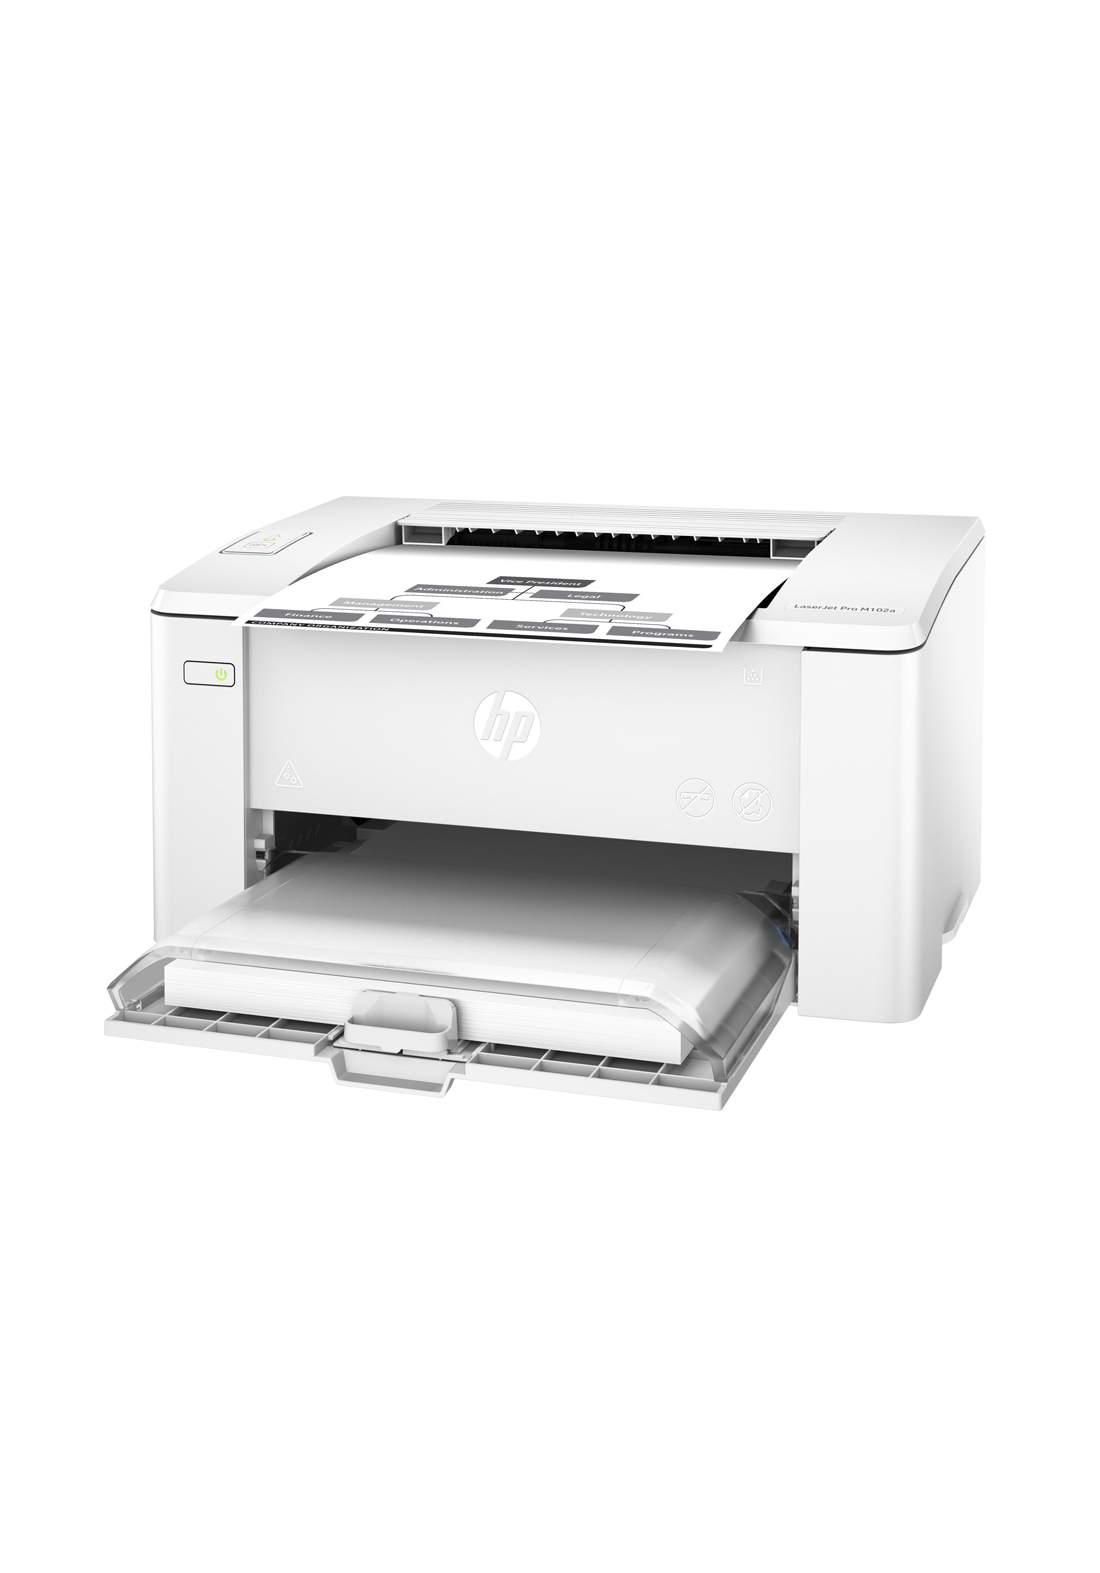 HP LaserJet Pro M102a Printer - White طابعة